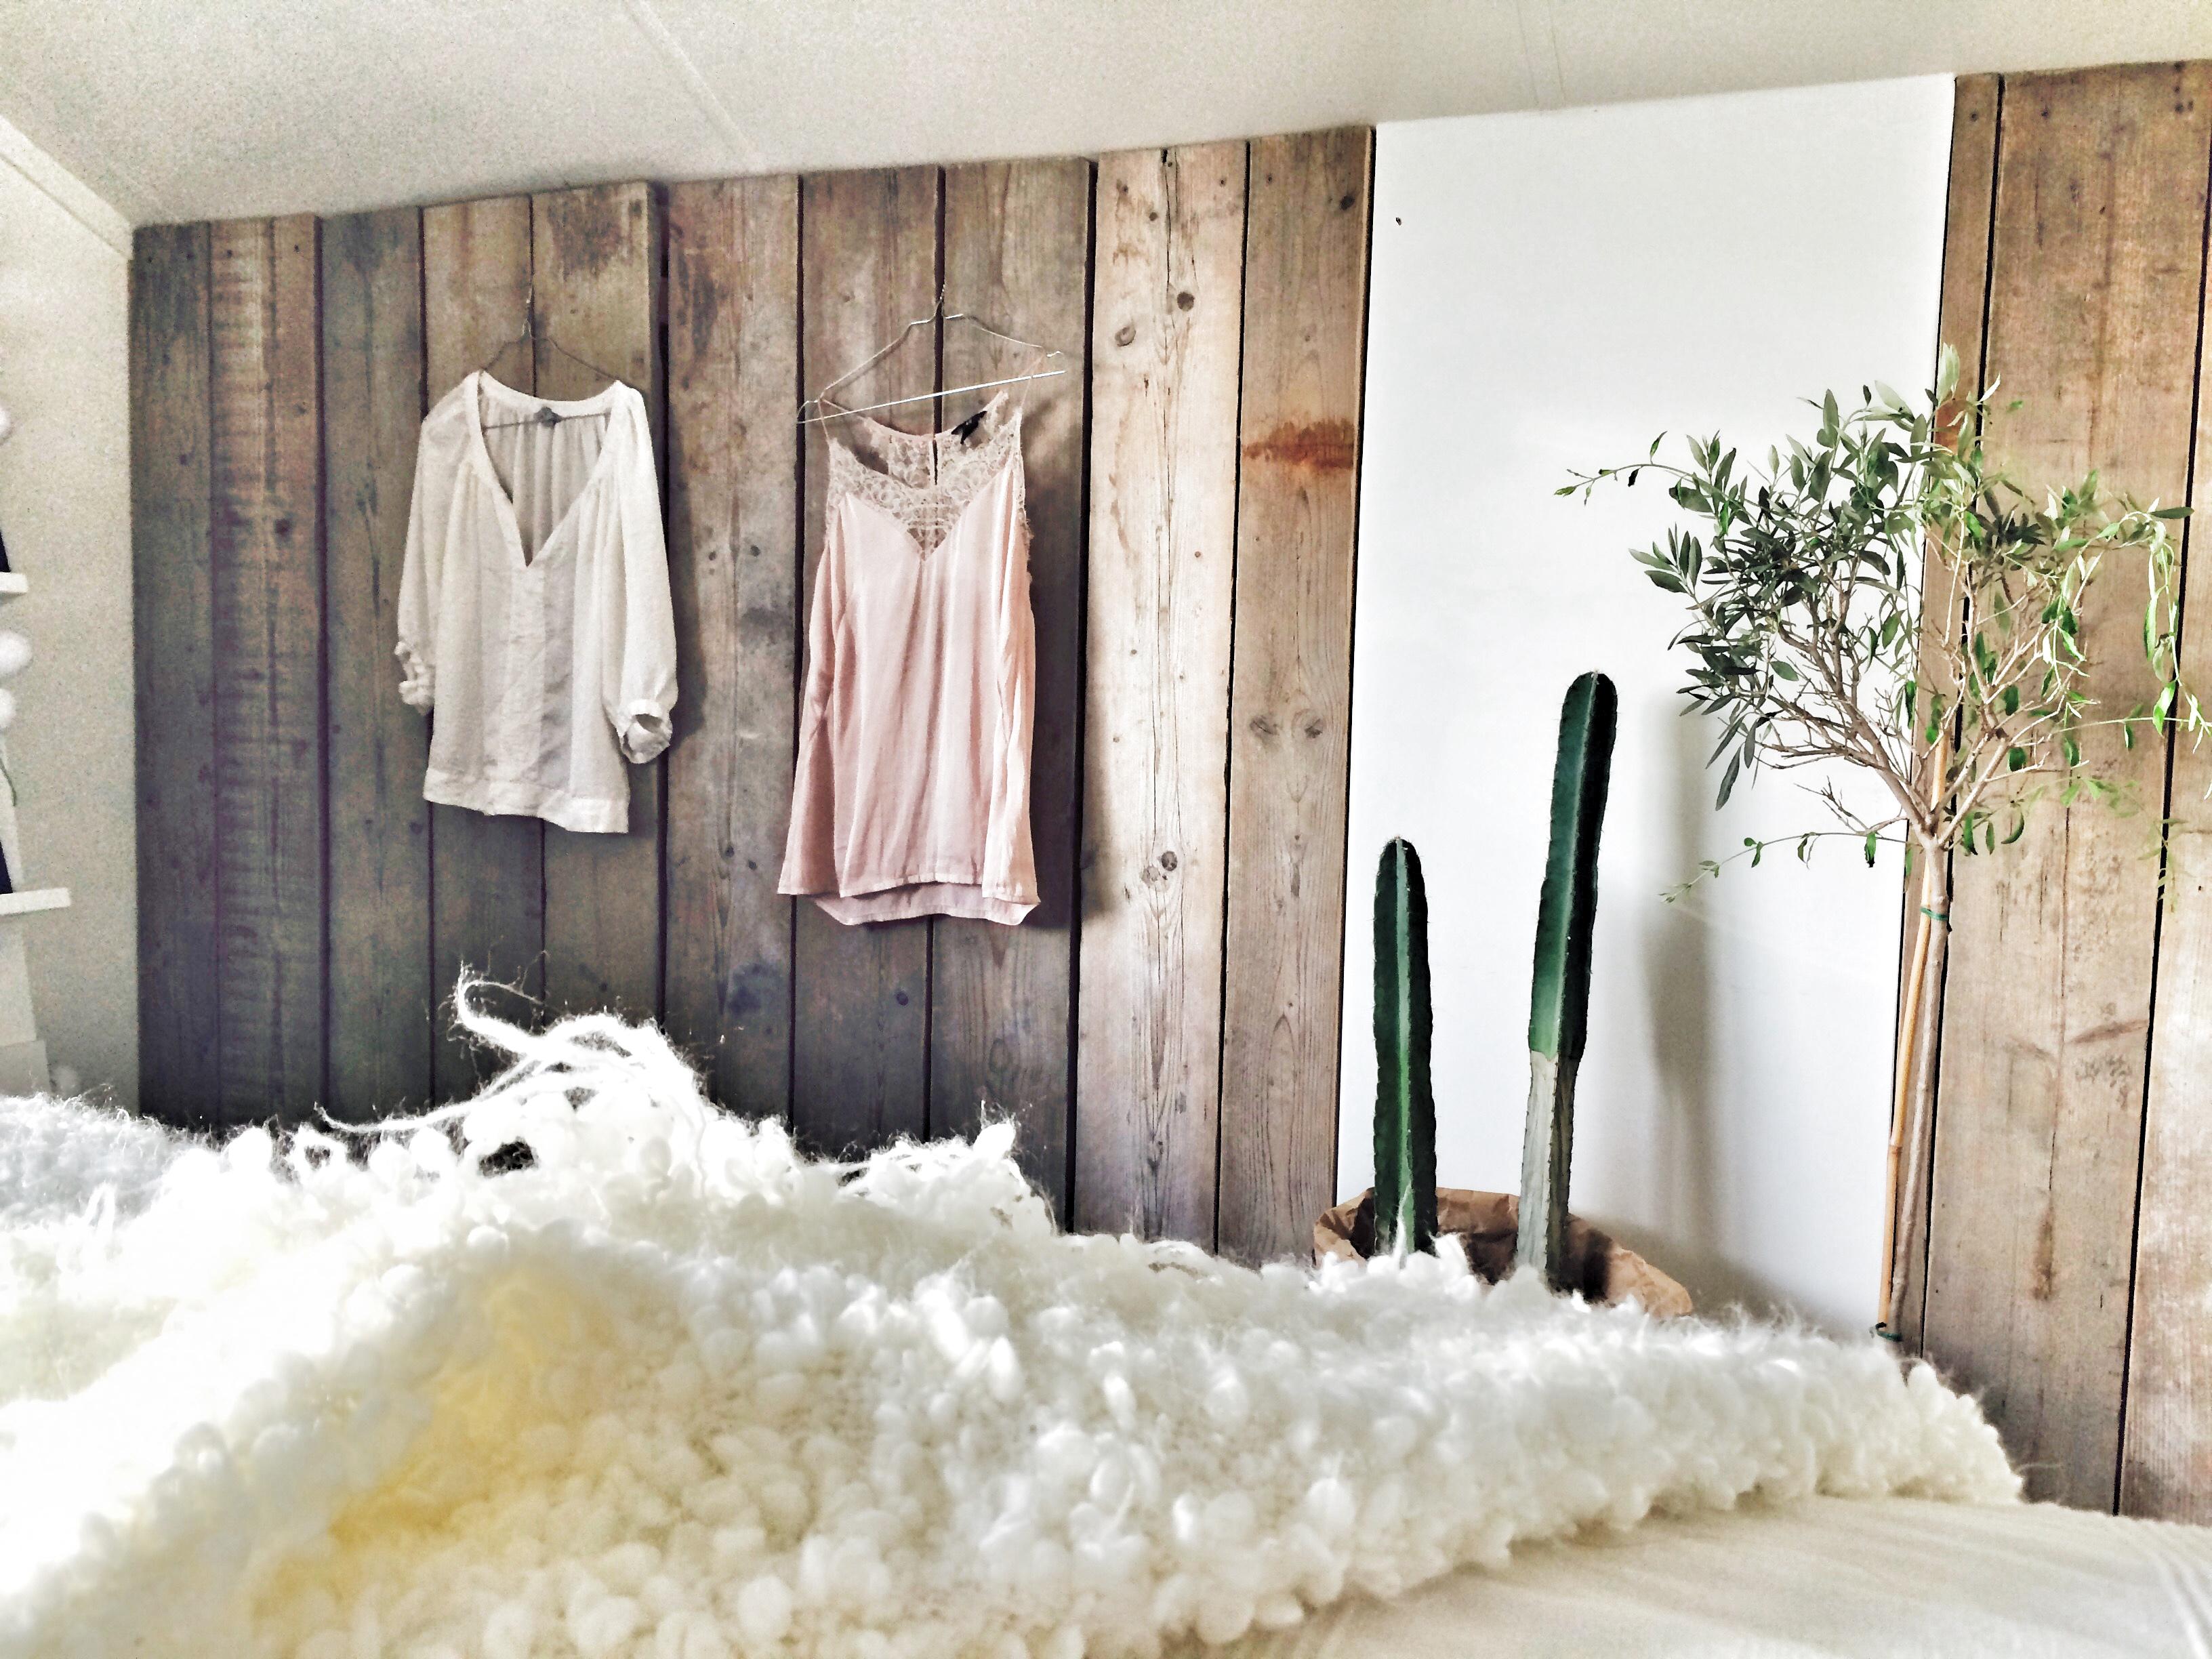 Wand van oud Steigerhout in slaapkamer